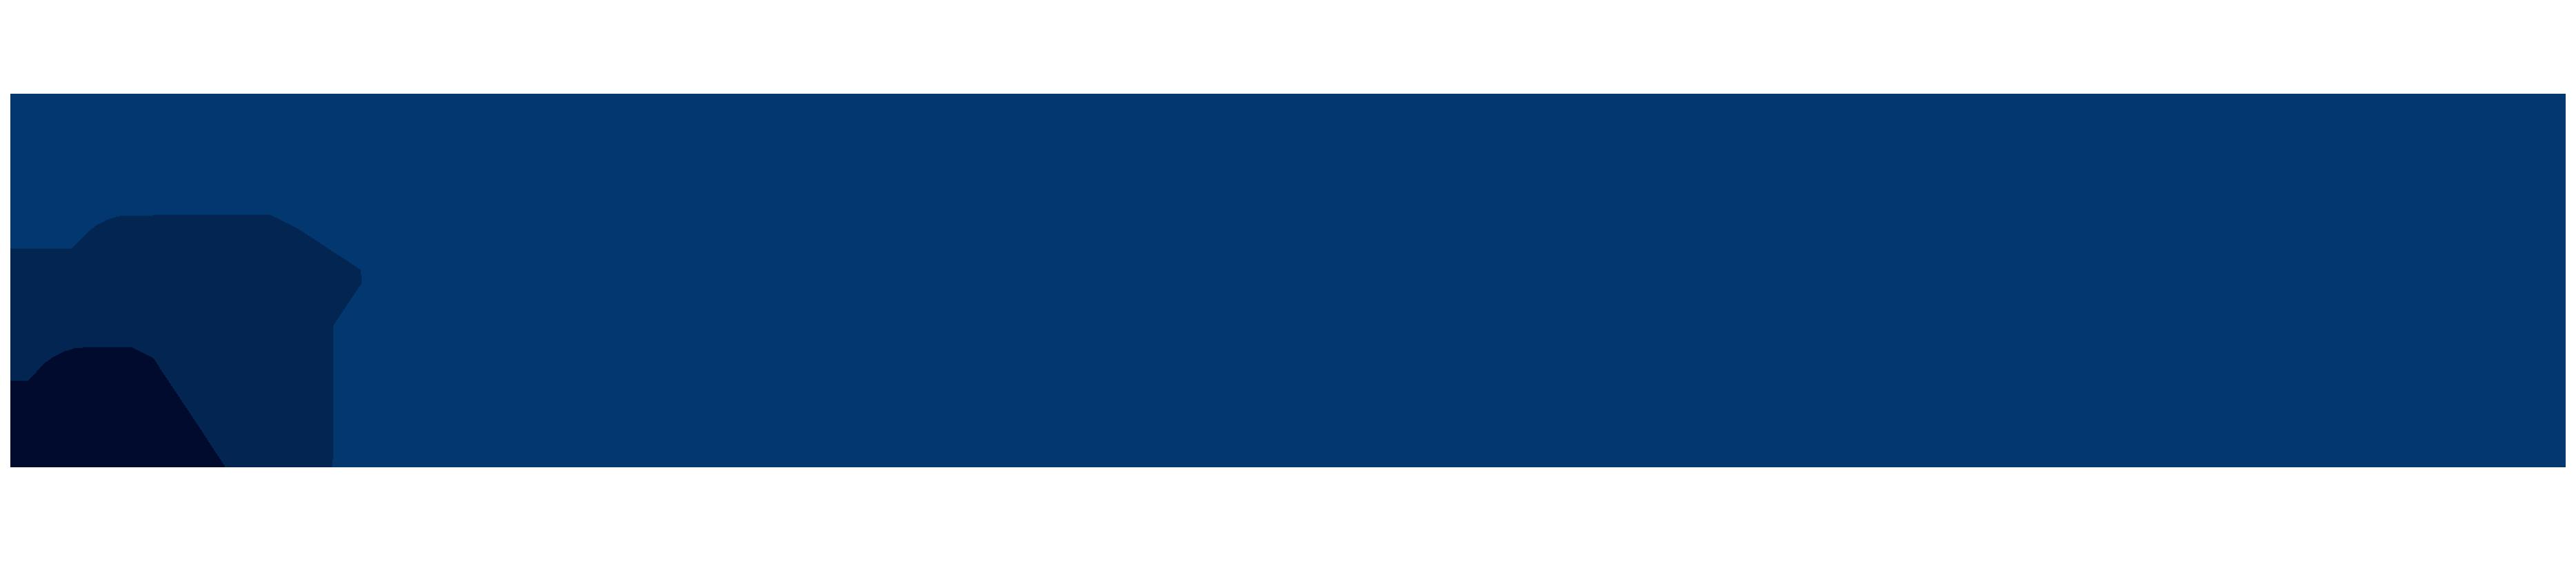 Federação das Empresas de Transporte de Carga e logística no Estado de Santa Catarina (Fetrancesc)